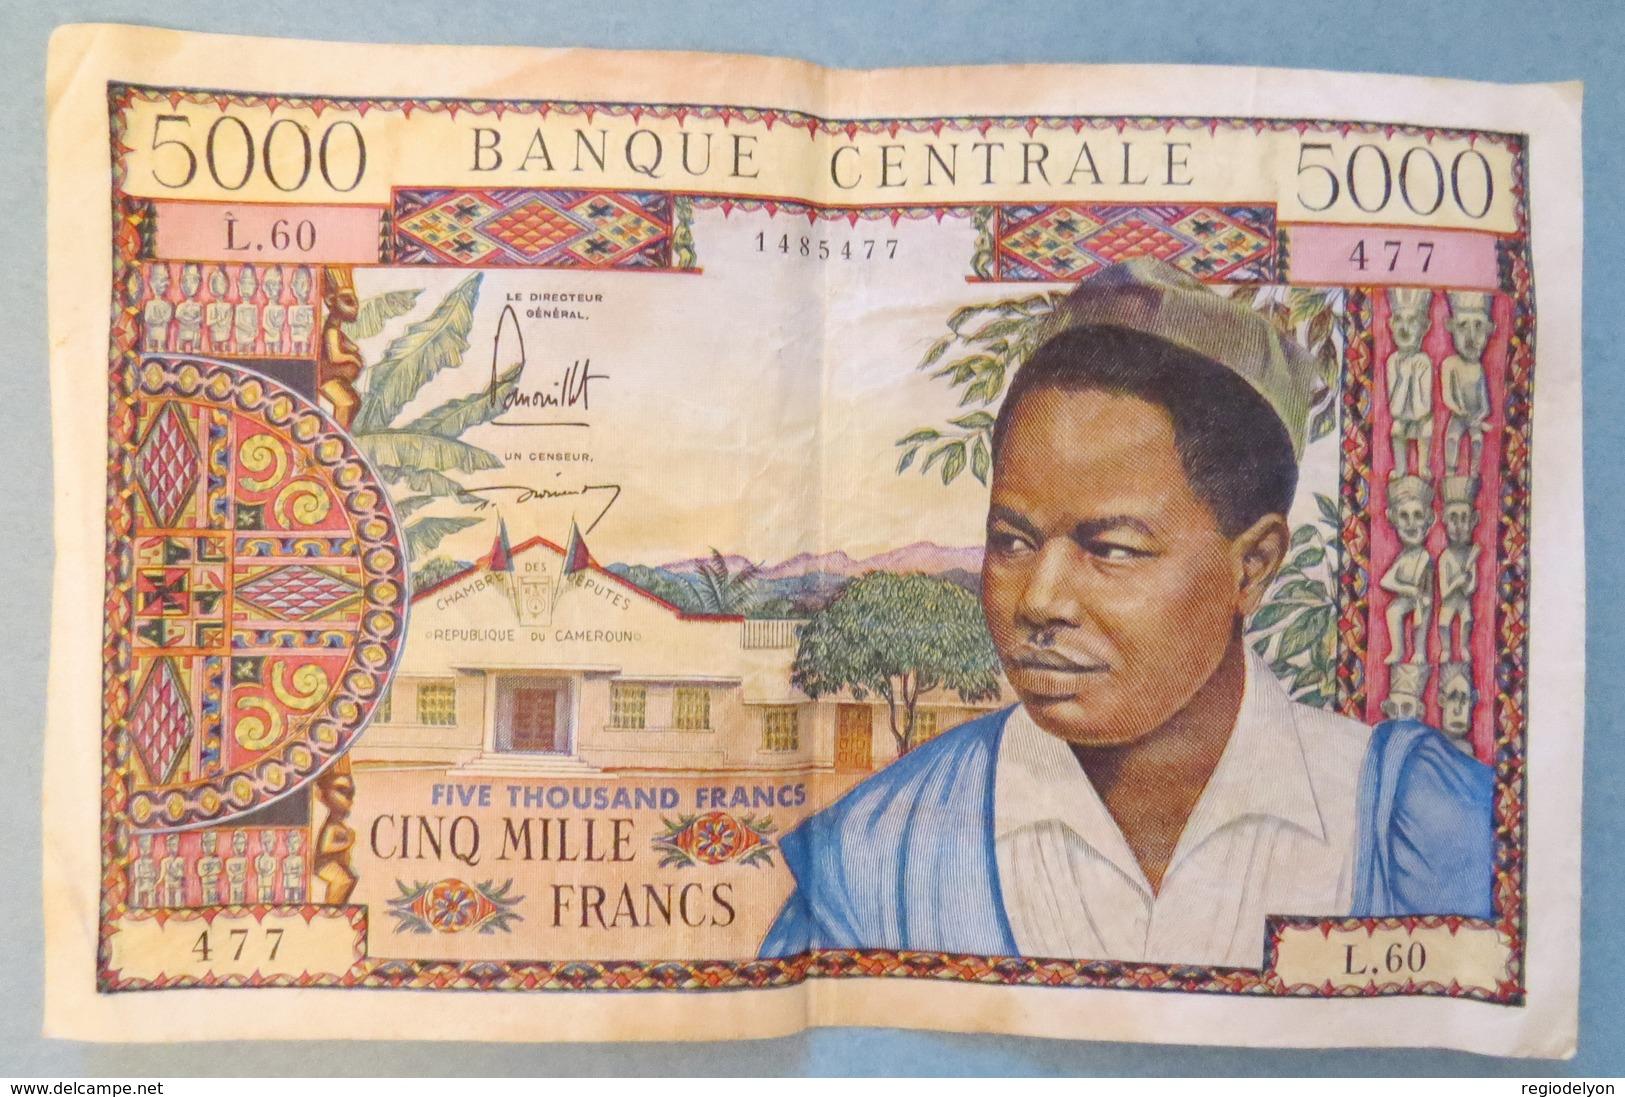 Rare Billet 5000 Francs CAMEROUN Banque Centrale 1962 1963 ? Cameroon Cinq Cents F - Bank Note Chambre Députés - Camerun